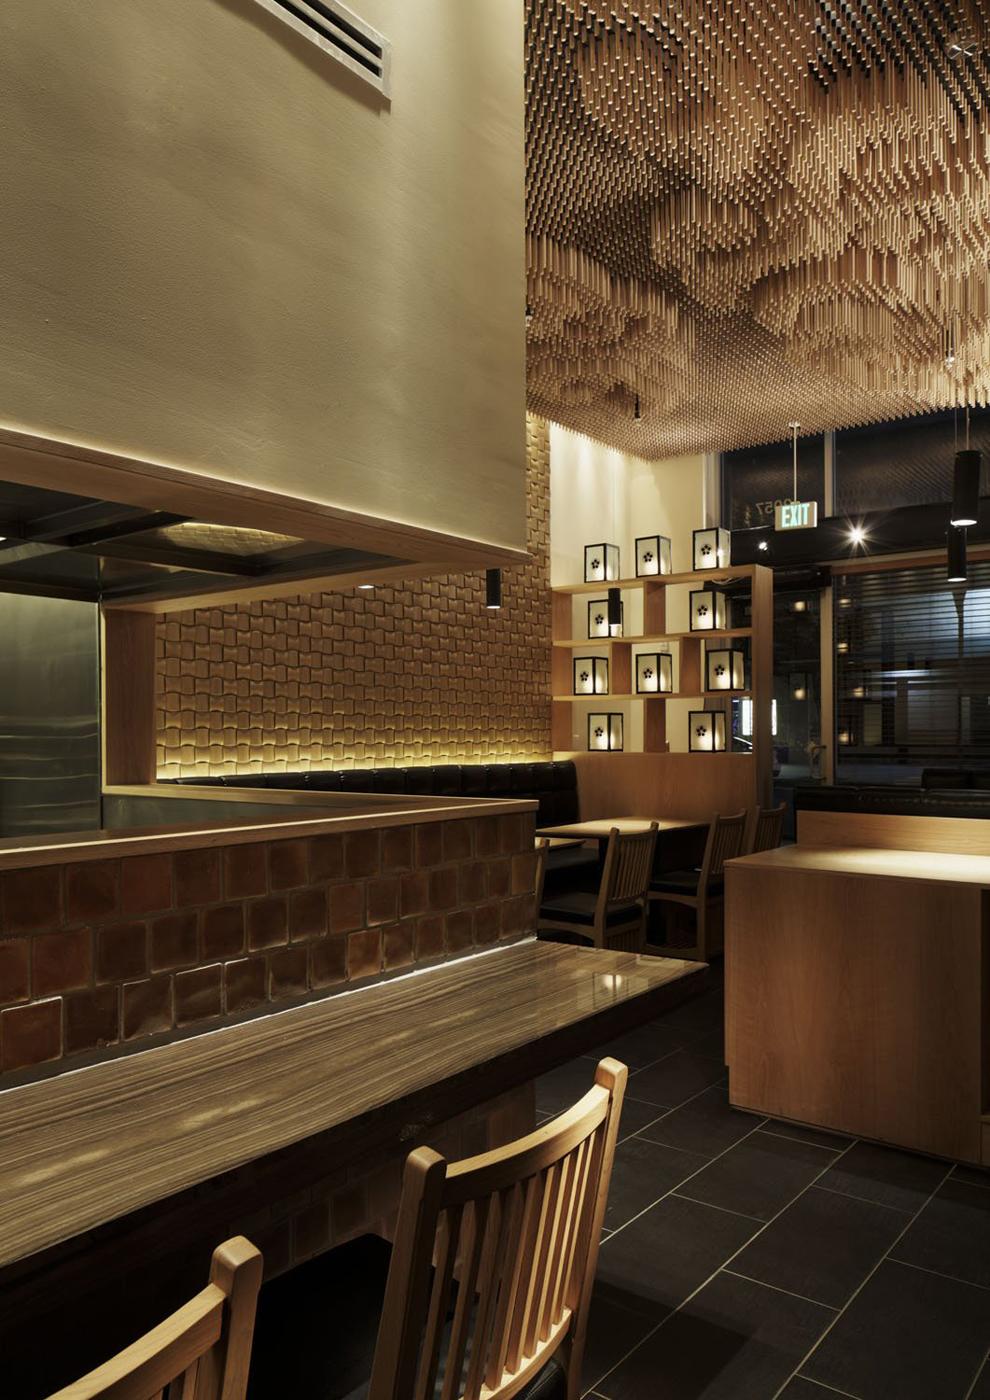 design d'espace, design d'intérieur, restaurant, architecture d'intérieur